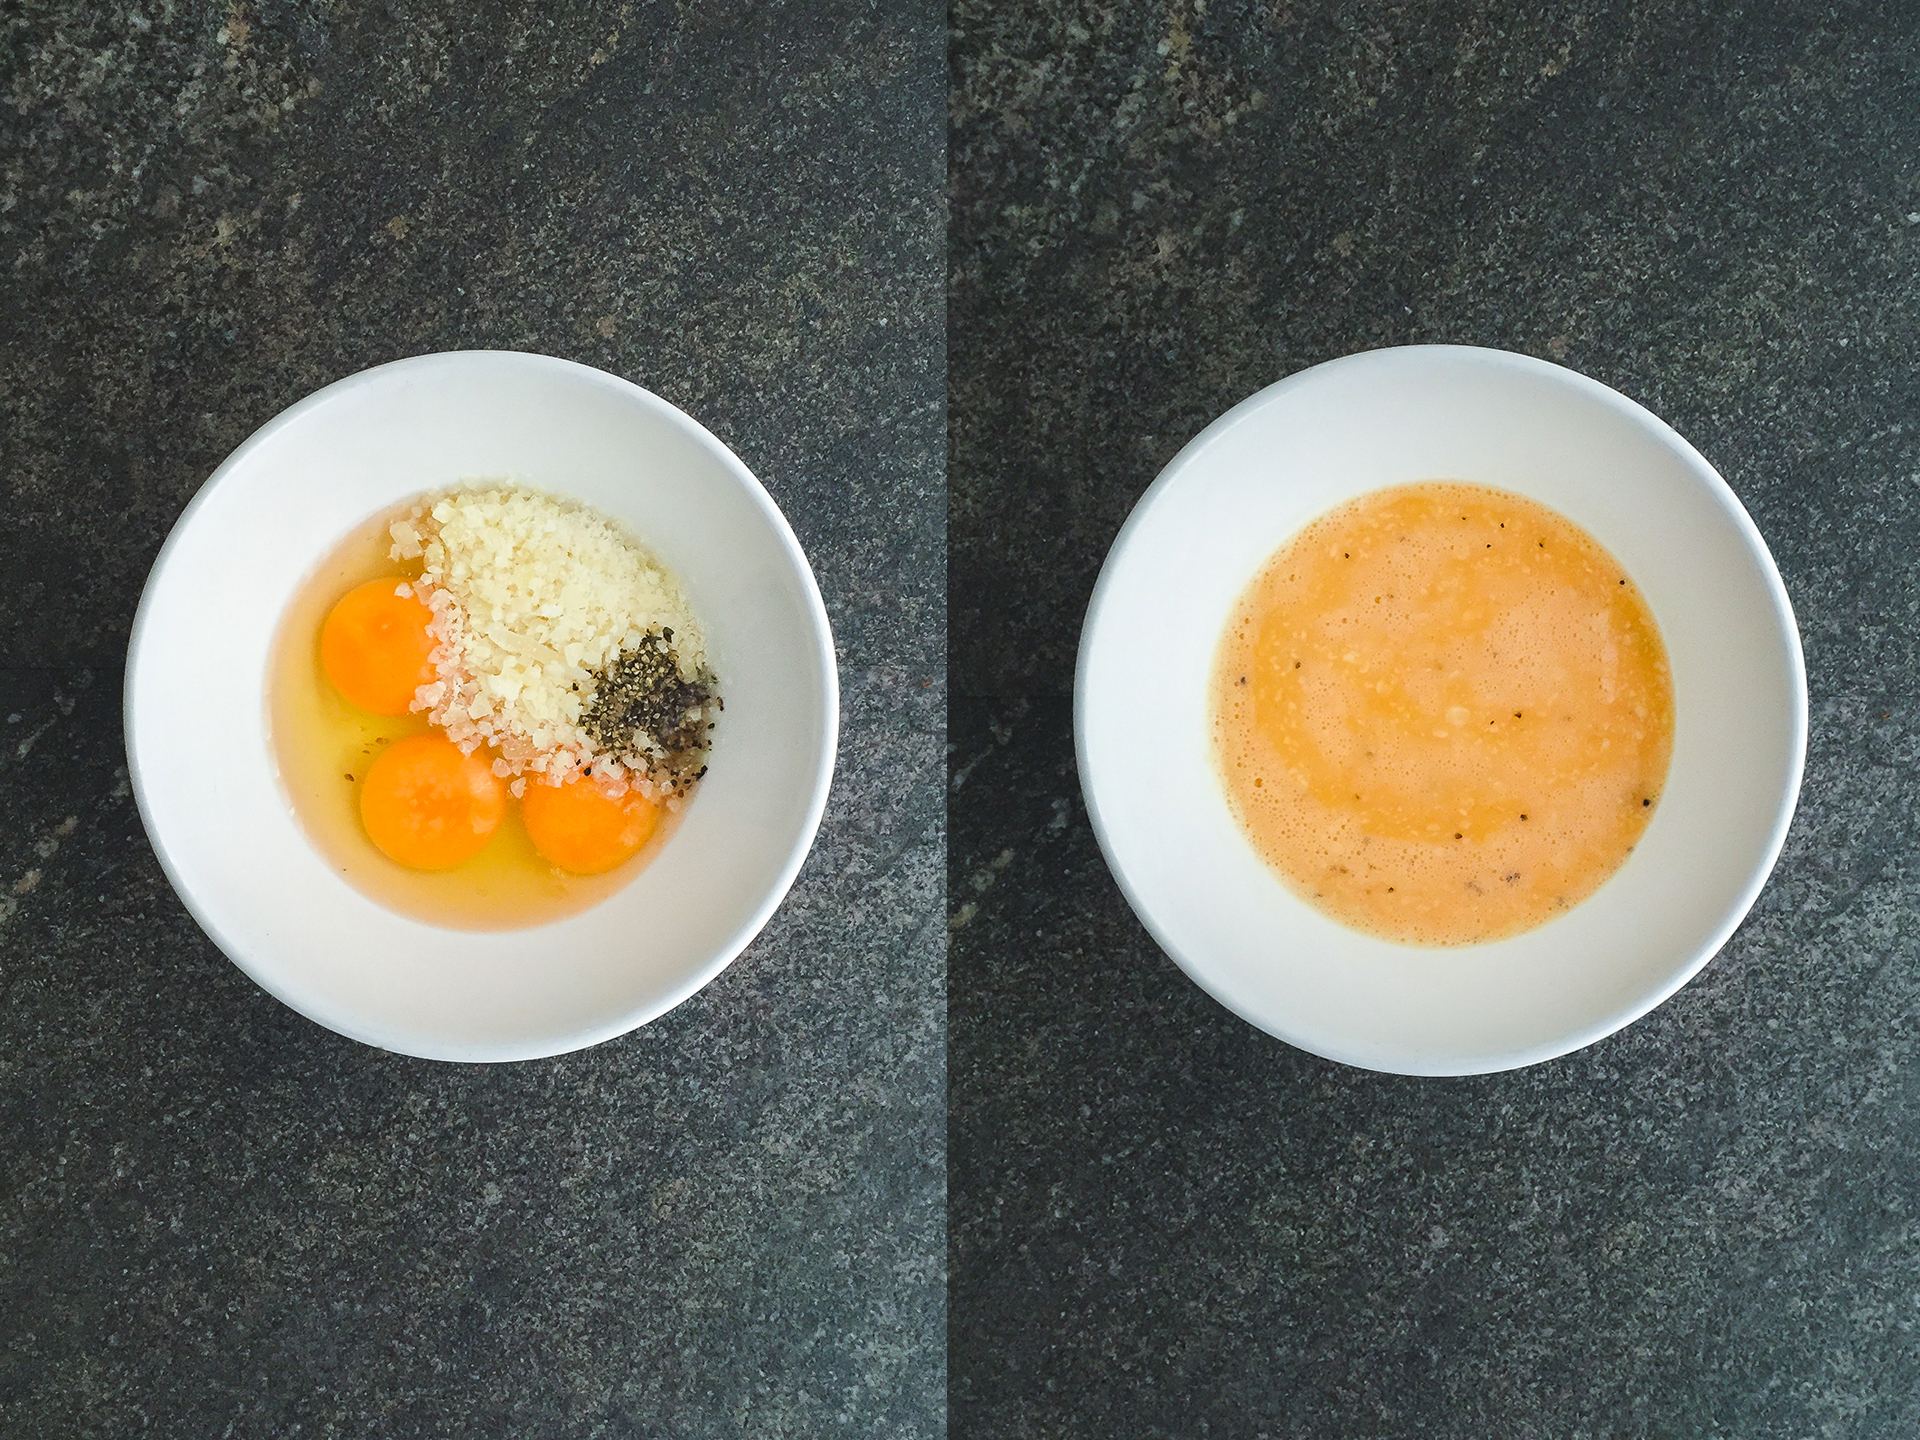 Step 2.1 of No Cream Carbonara with Crispy Salmon